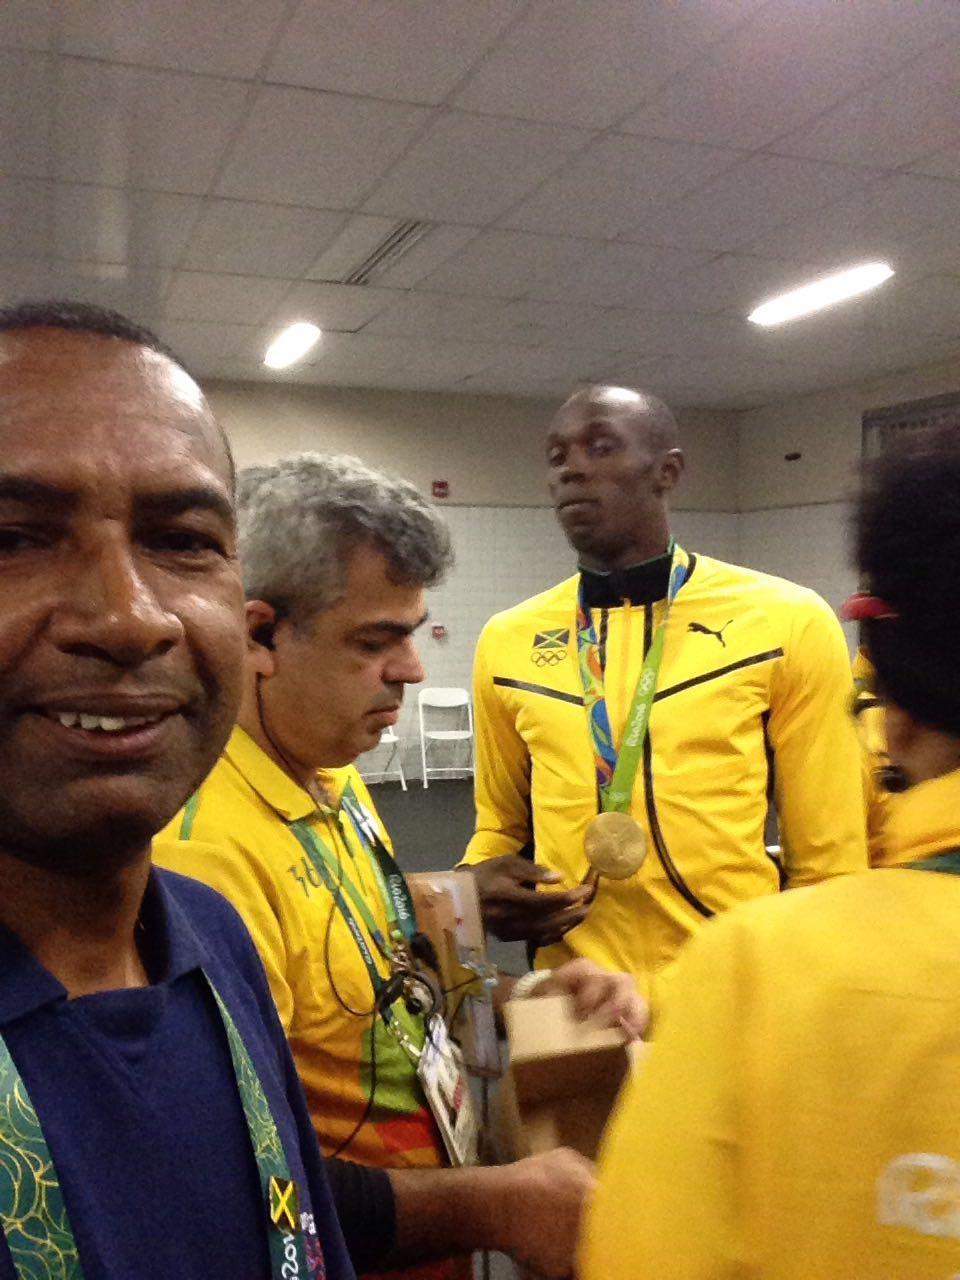 Pastor Daily (à esquerda) e Bolt ao fundo durante encontro na Vila Olímpica.